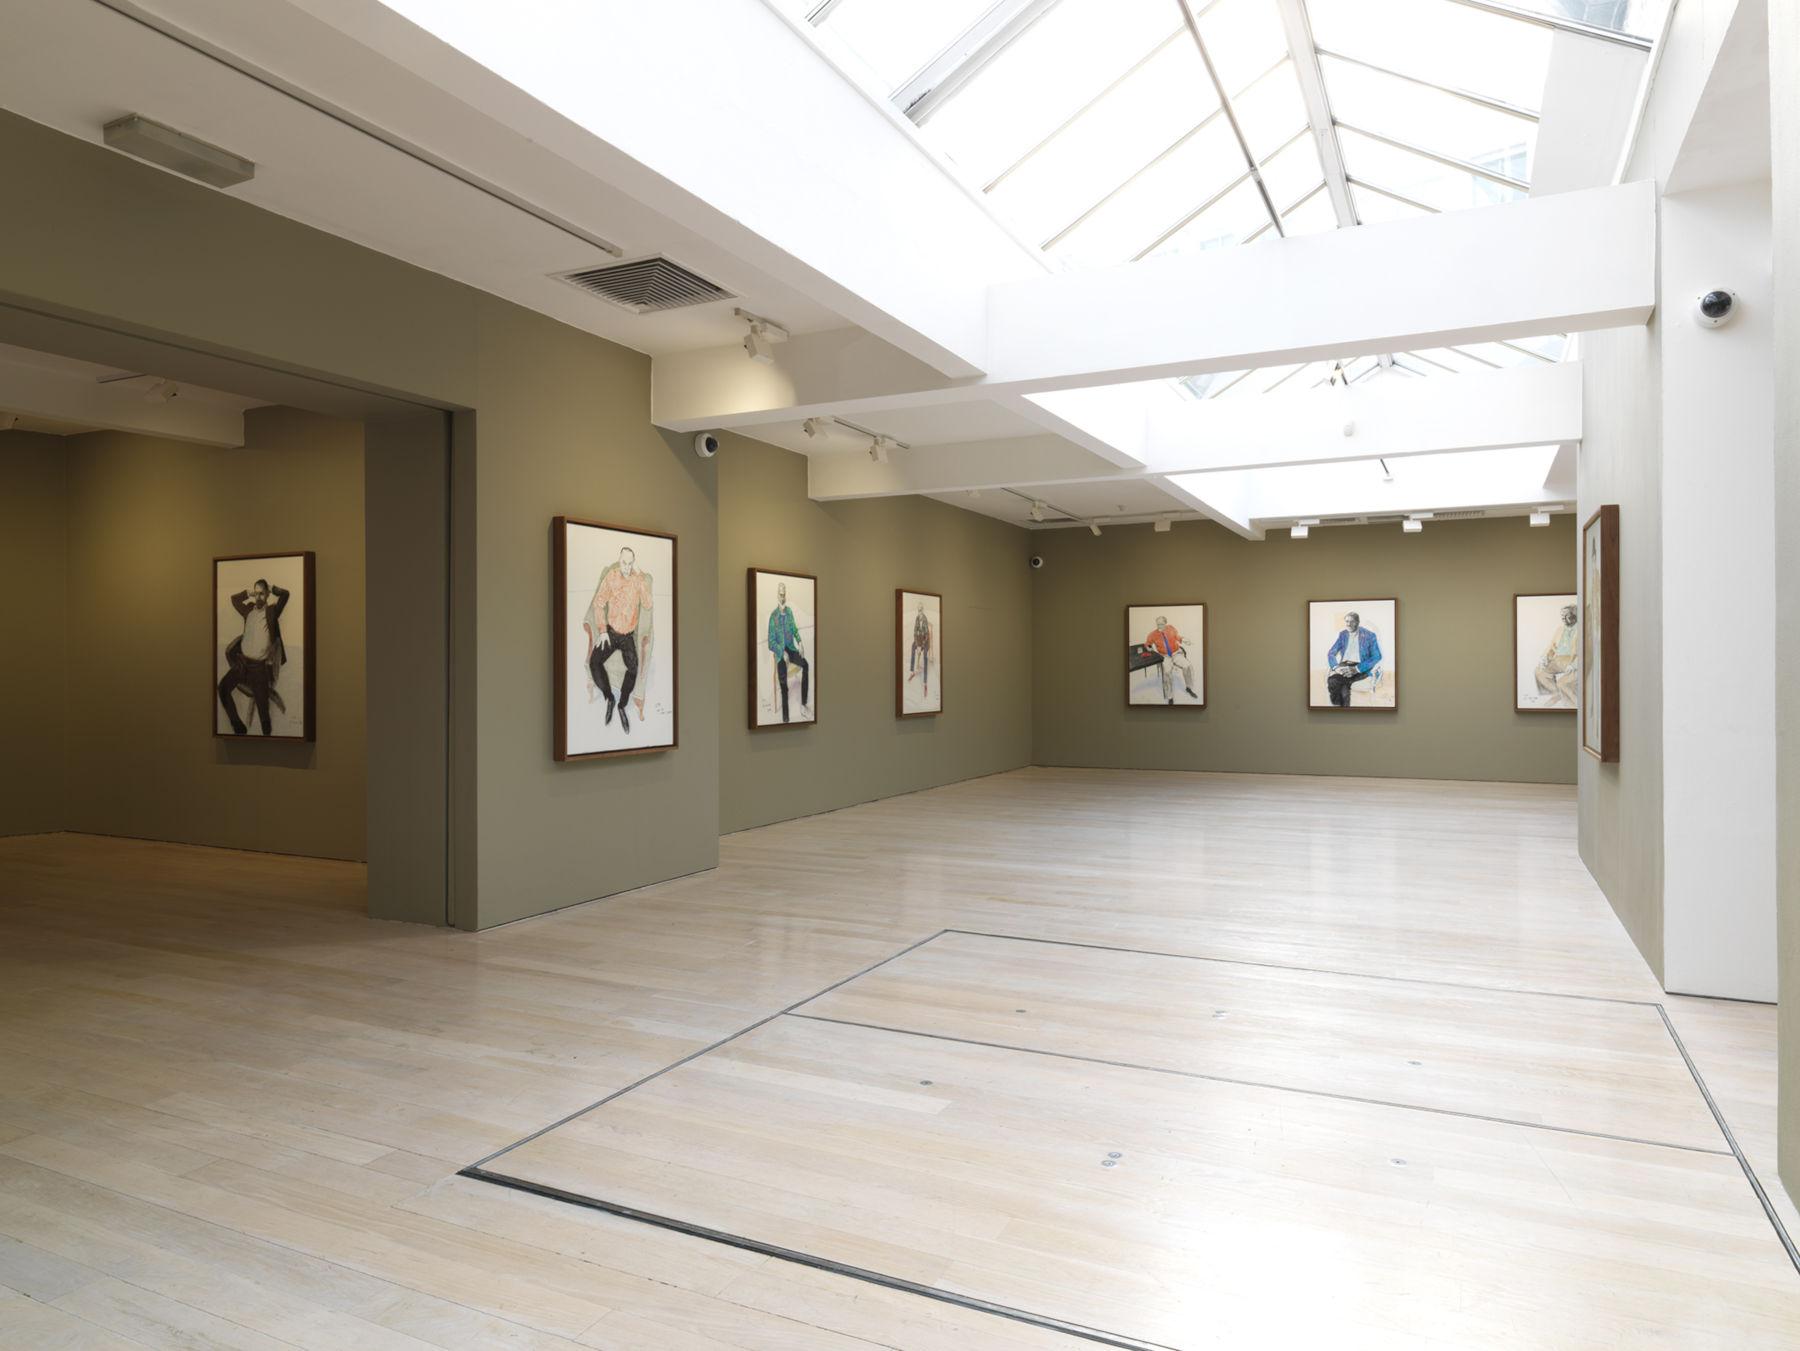 Annely Juda David Hockney 1